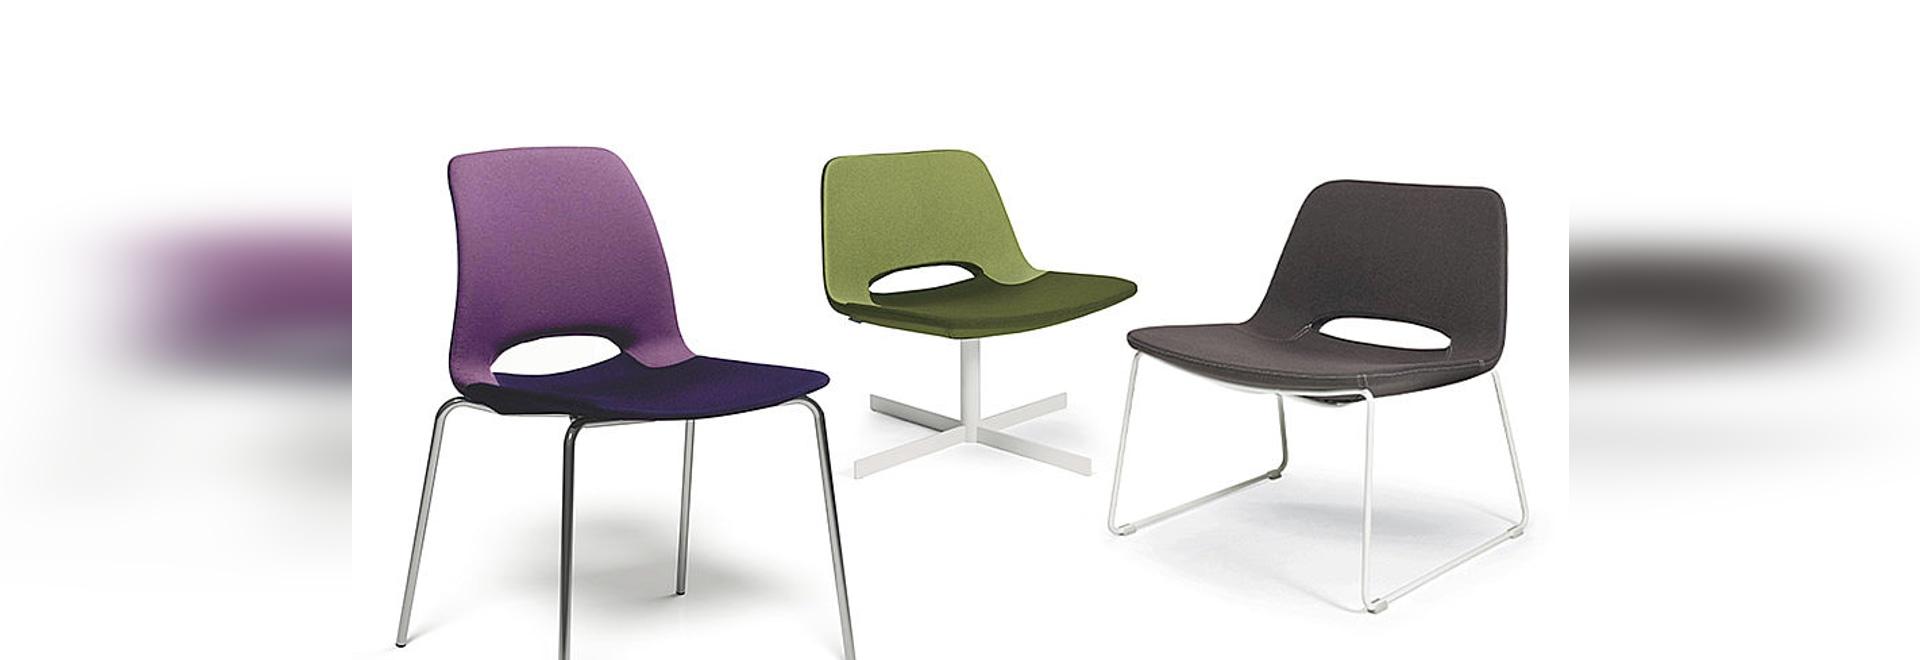 New: KATIA chair, design Alessio Pozzoli